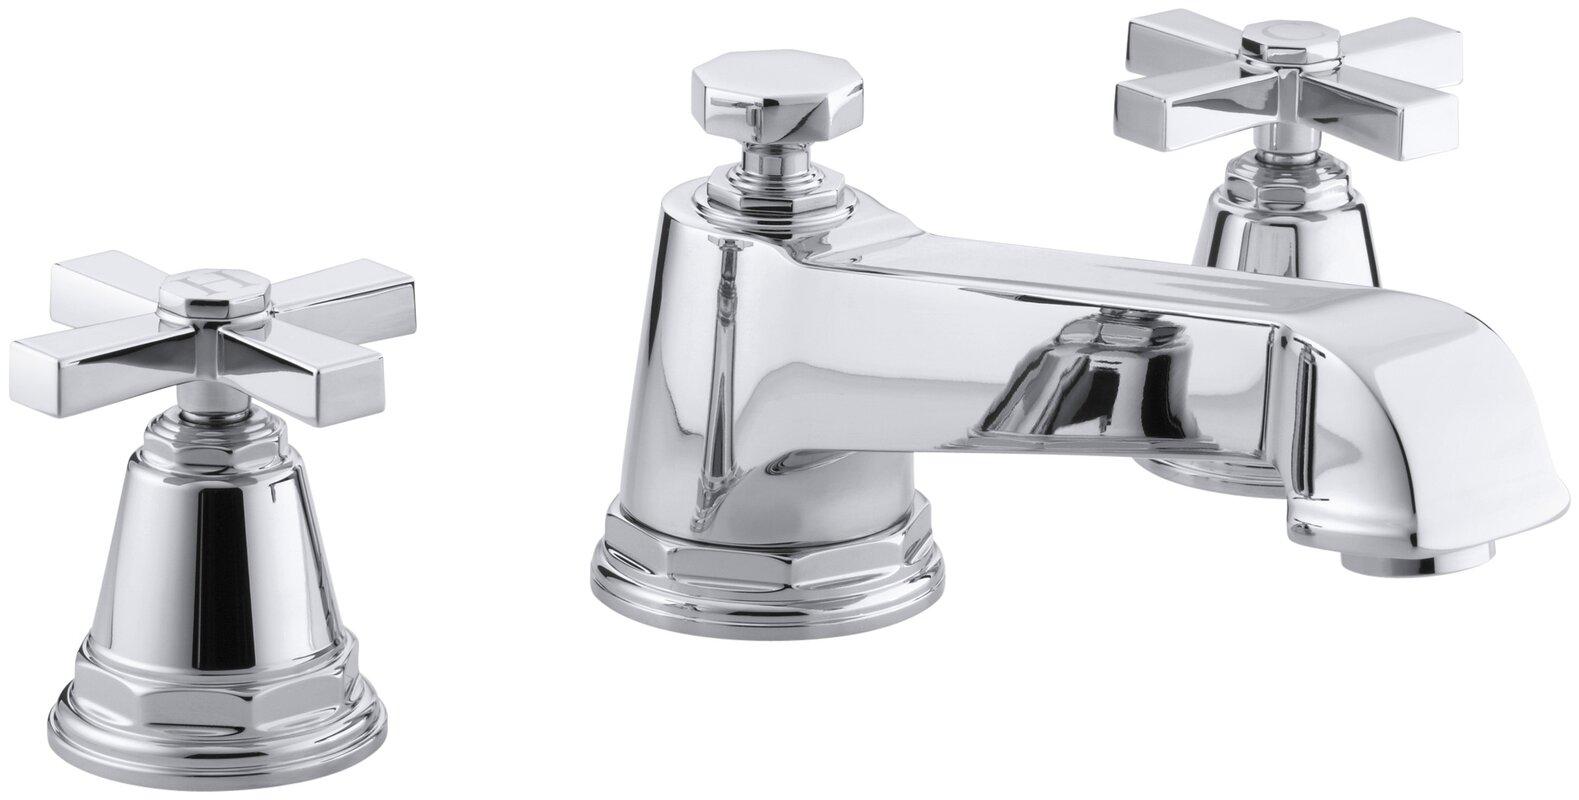 Bathroom Faucet Not Flowing kohler pinstripe pure deck-mount bath faucet trim for high-flow